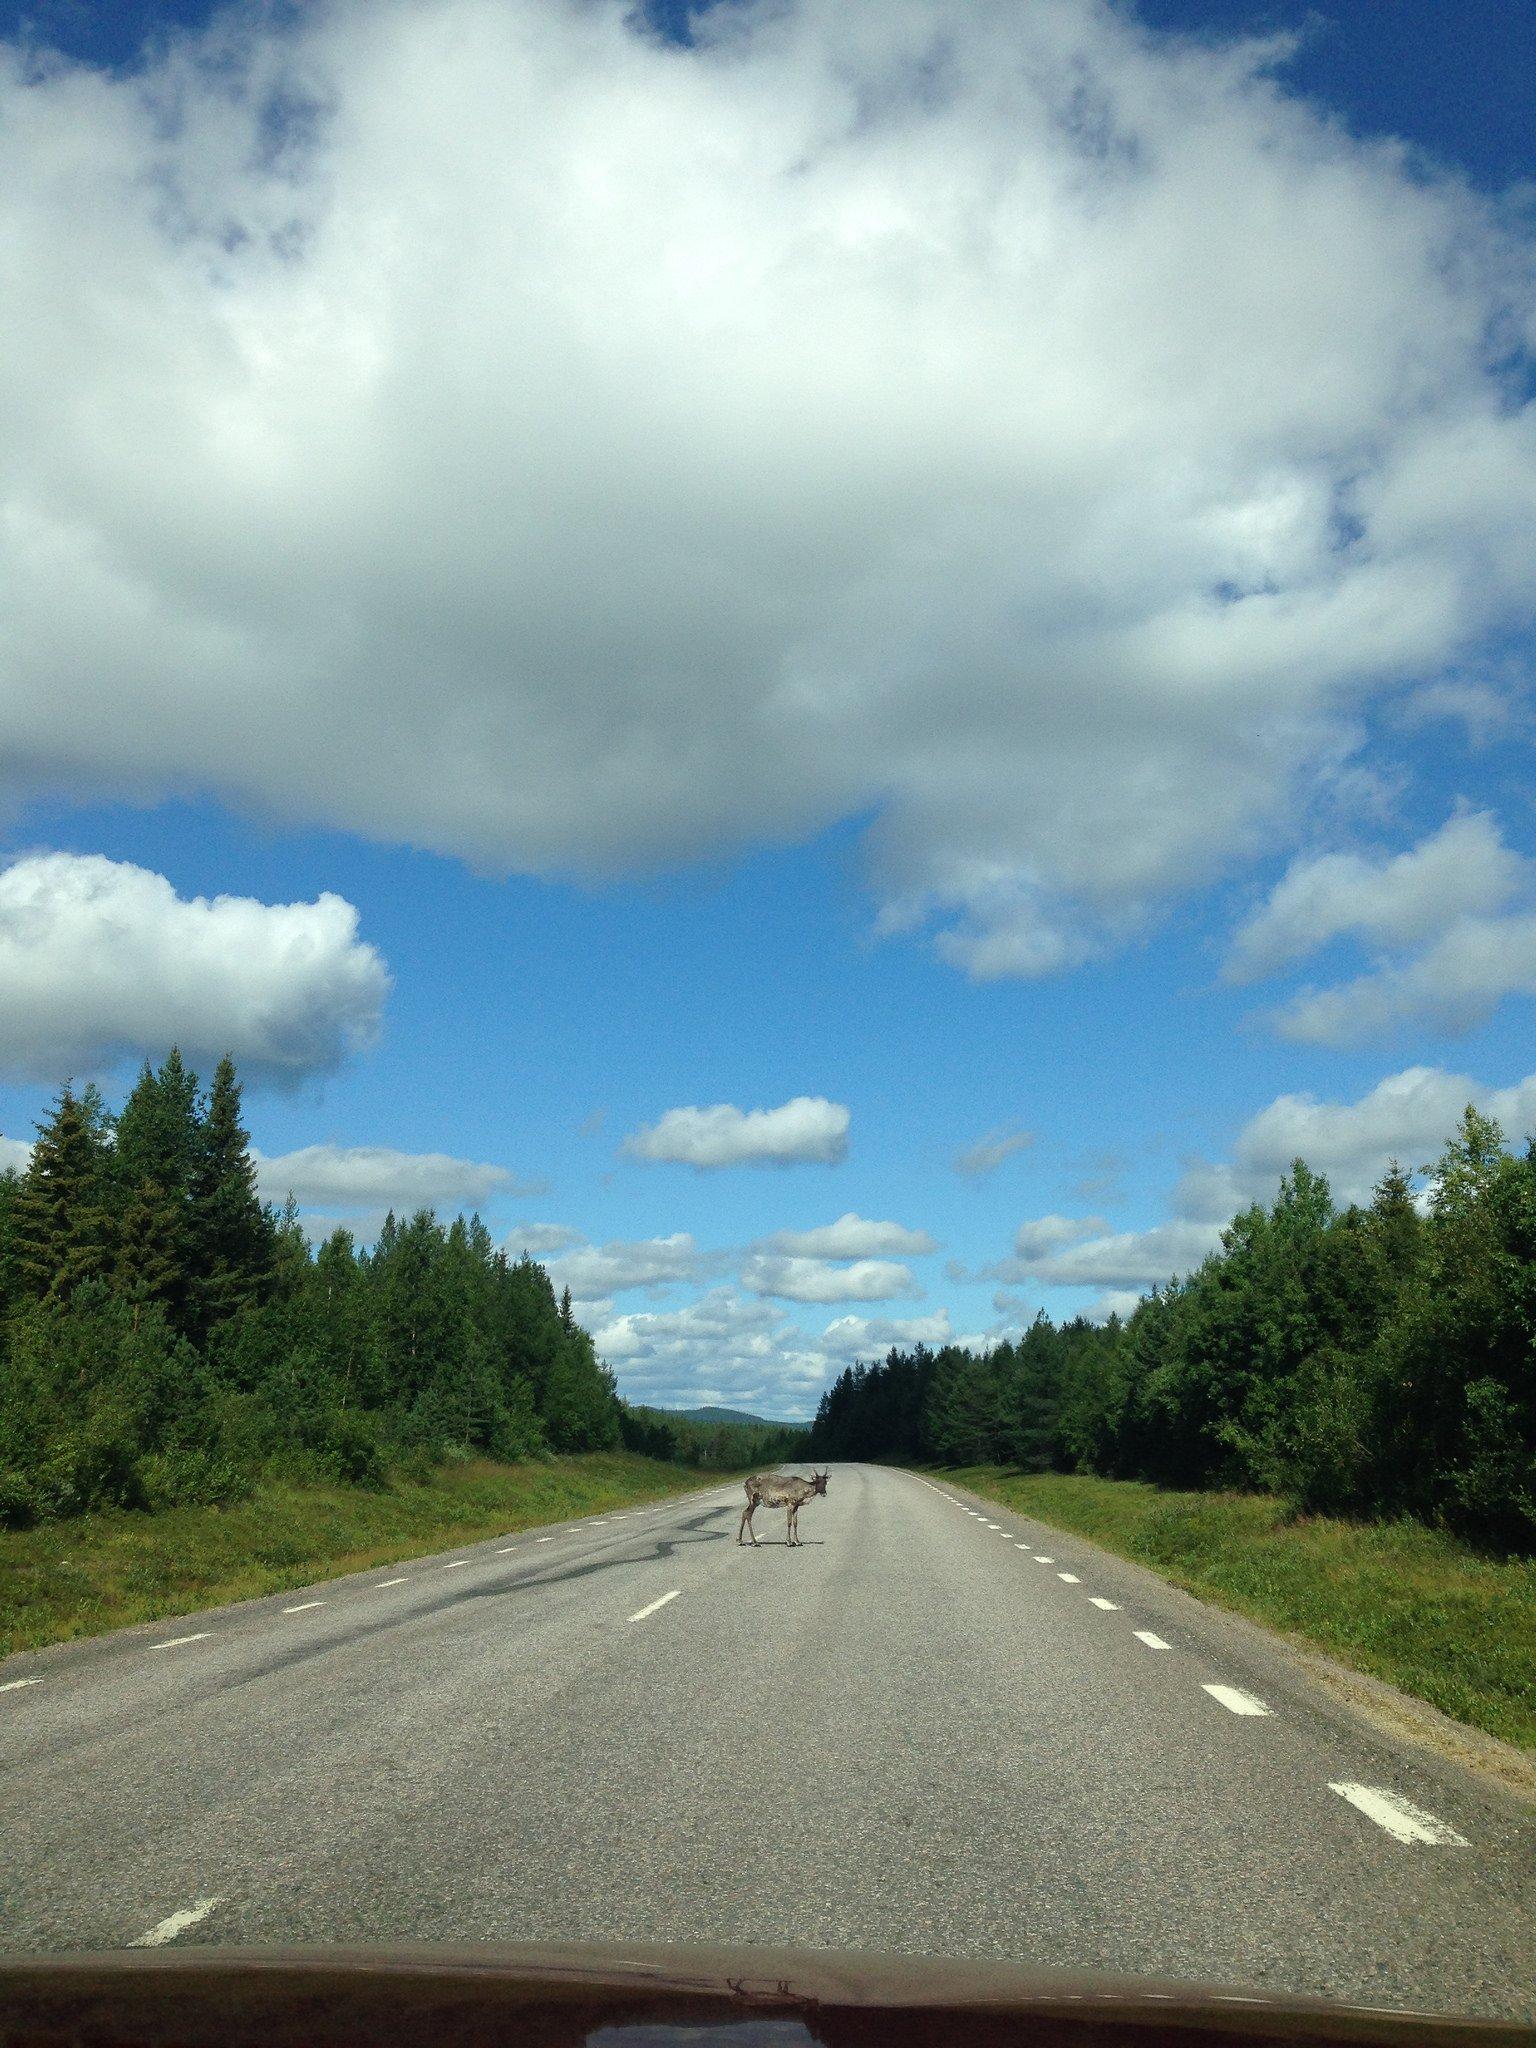 Renos en la carretera en Laponia sueca